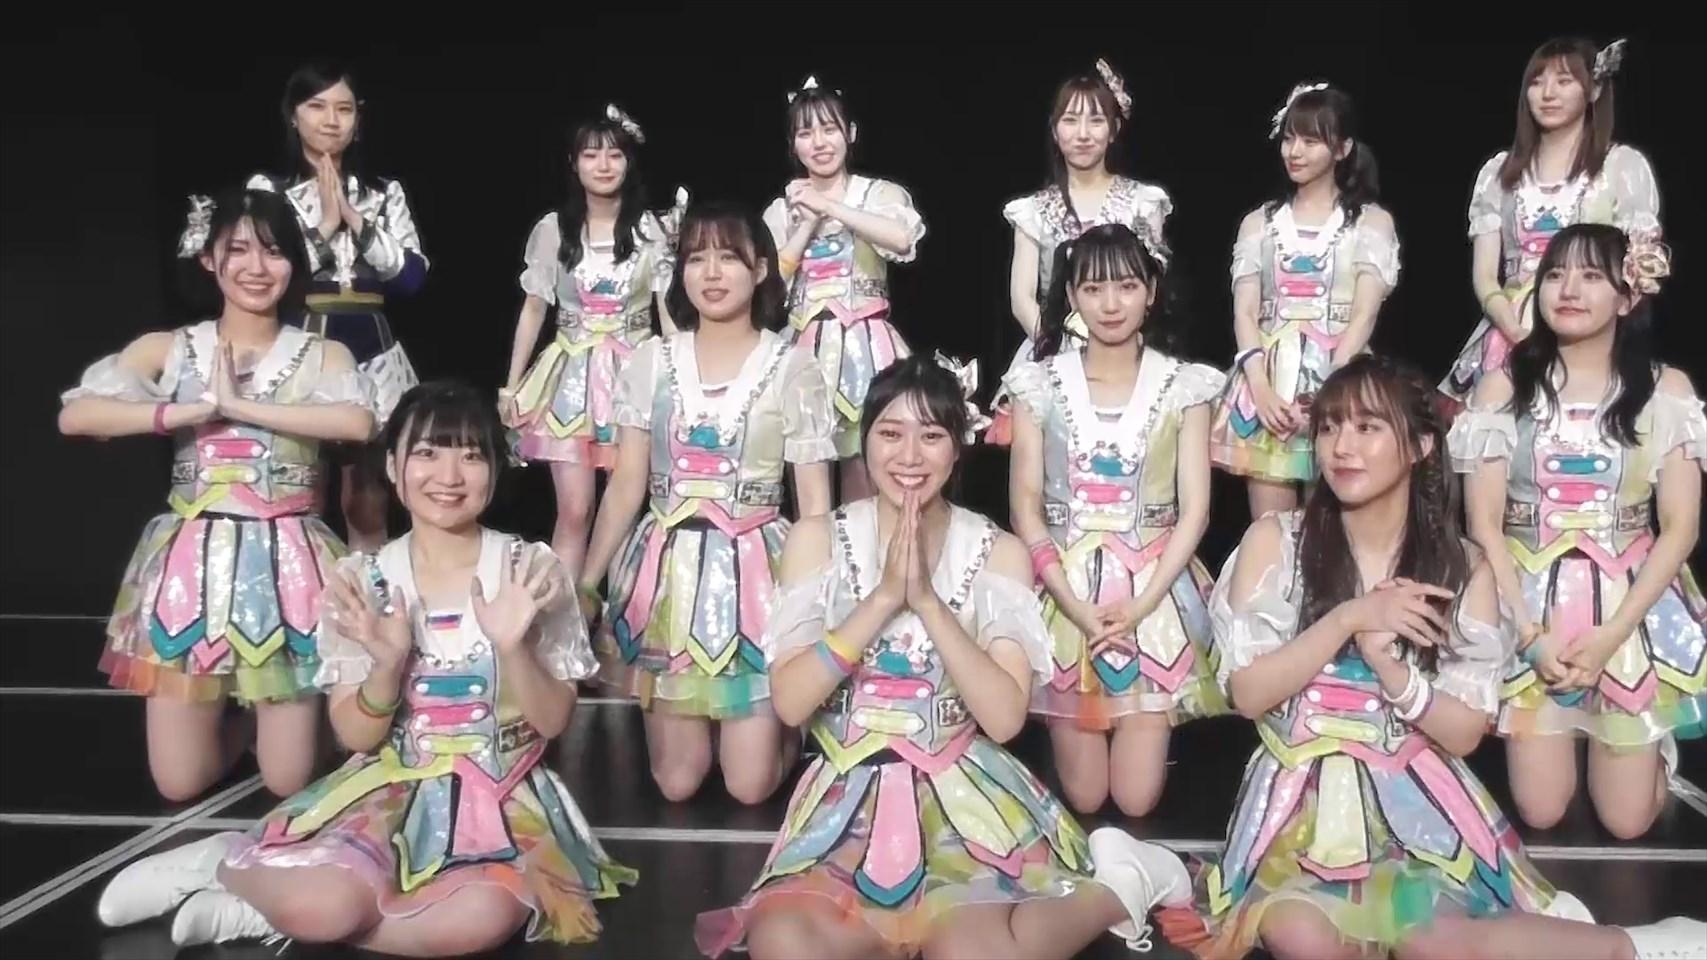 チームE「SKEフェスティバル」SKE48 Family会員限定公演終演後コメント動画